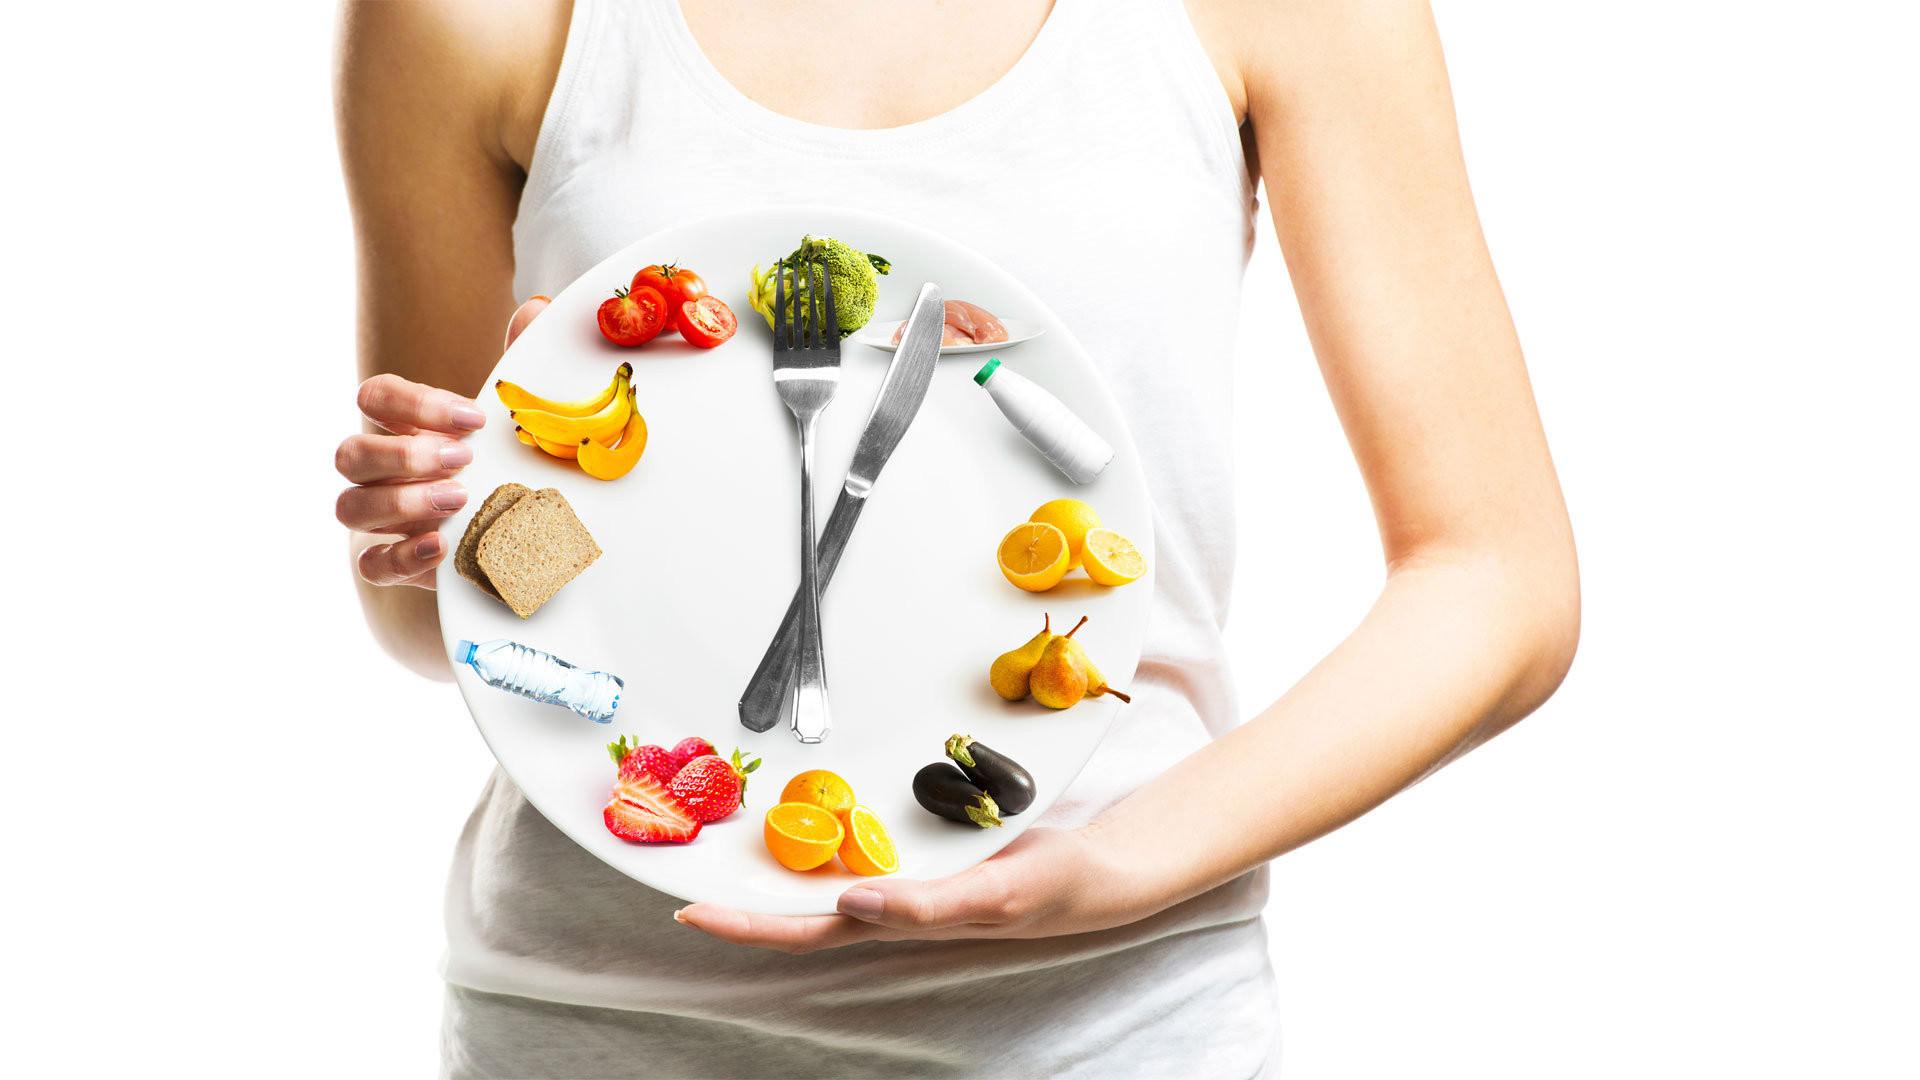 Диета лечебная для похудения